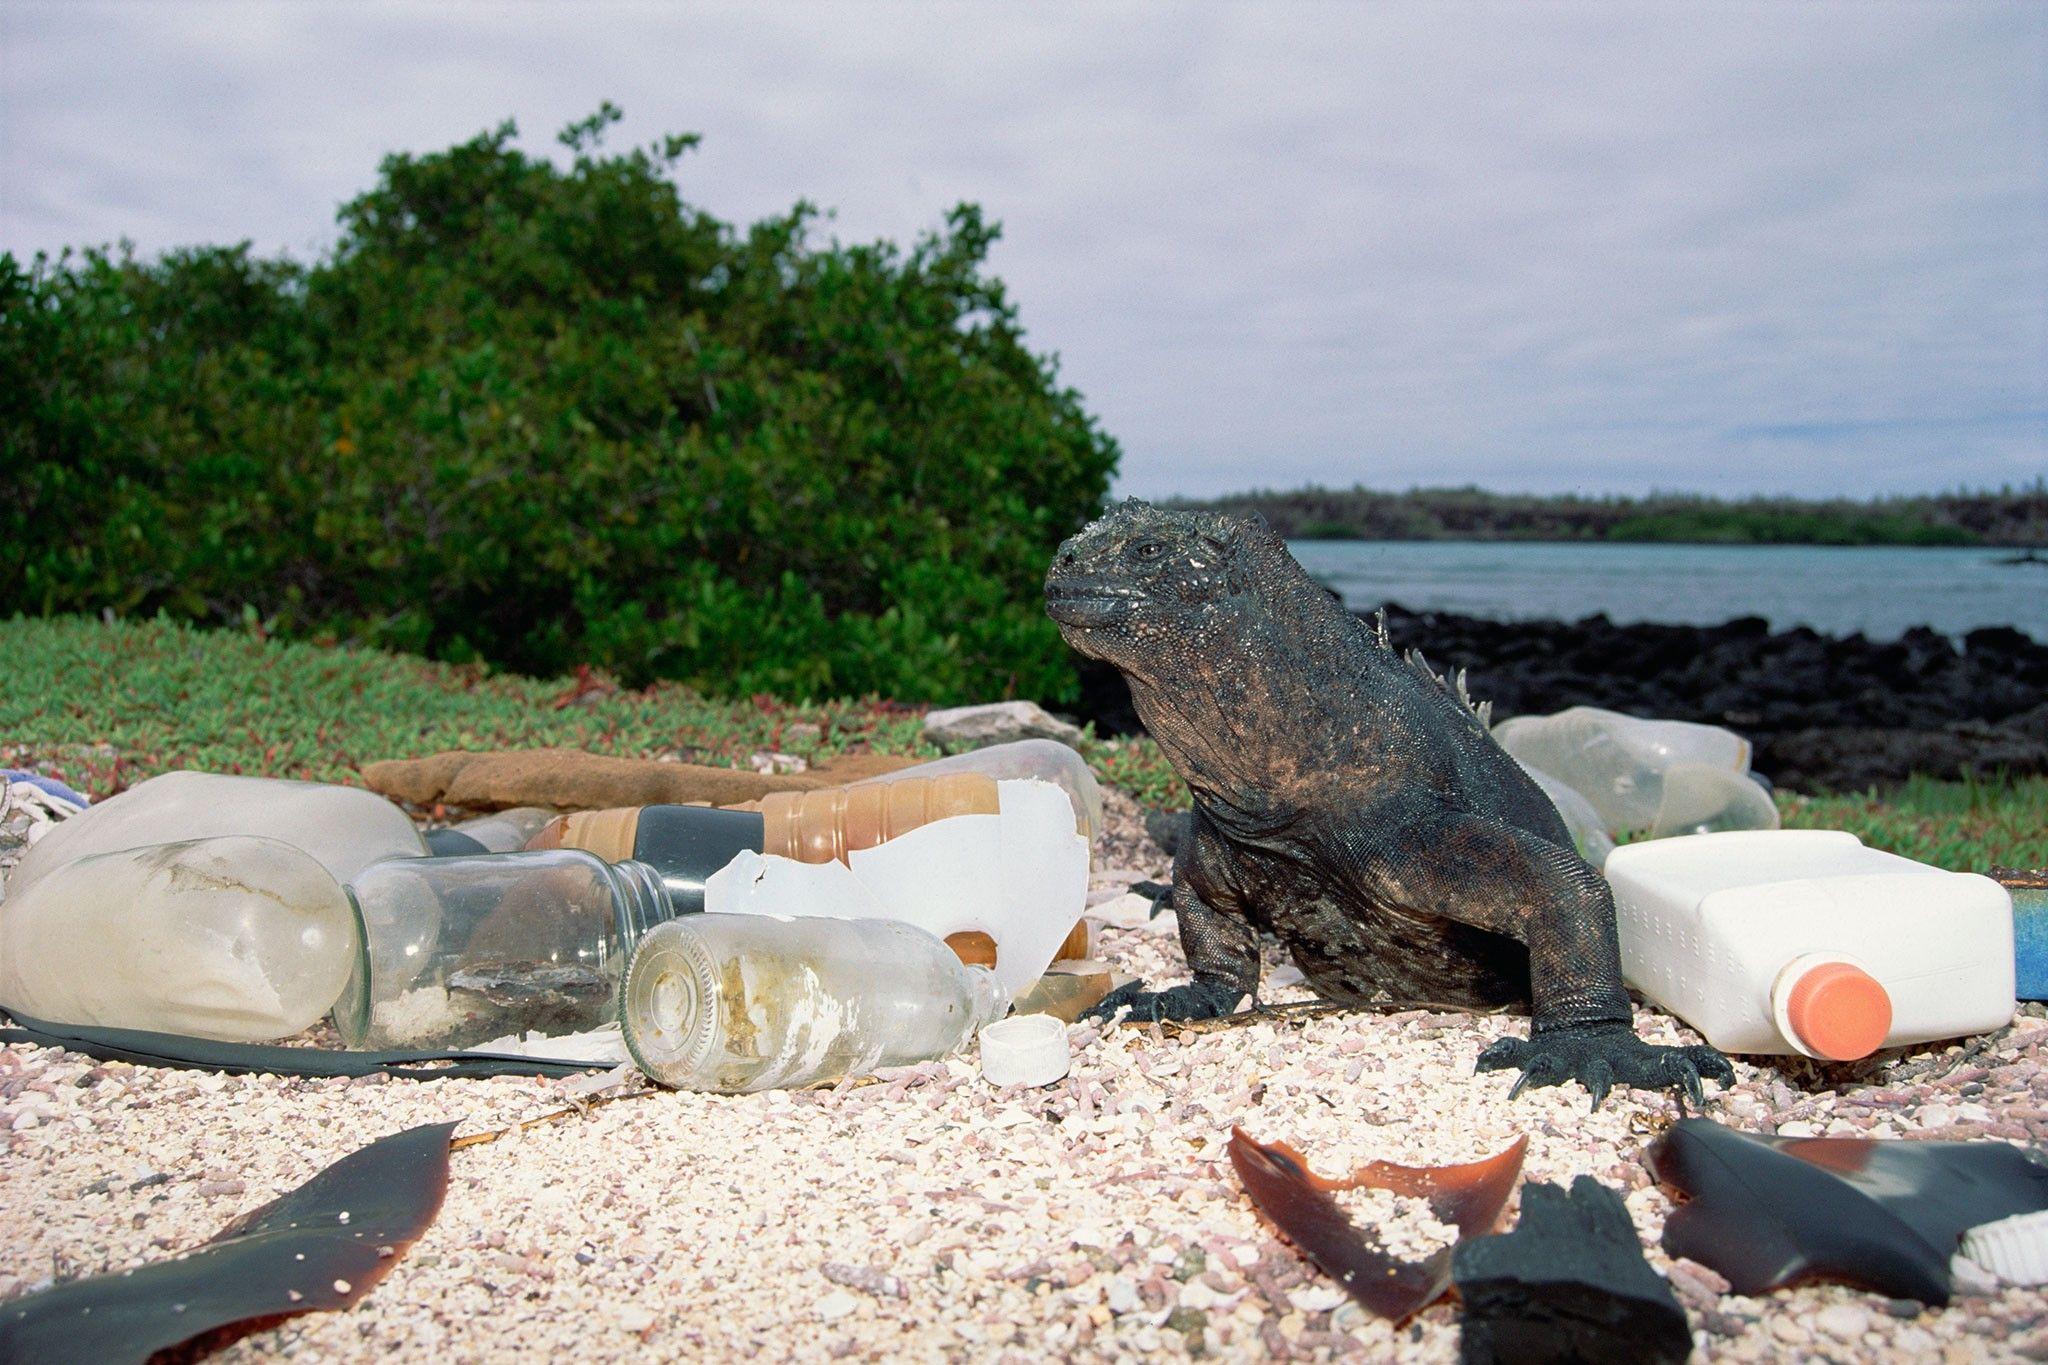 Imagens revelam animais sobrevivendo em um mundo de plástico